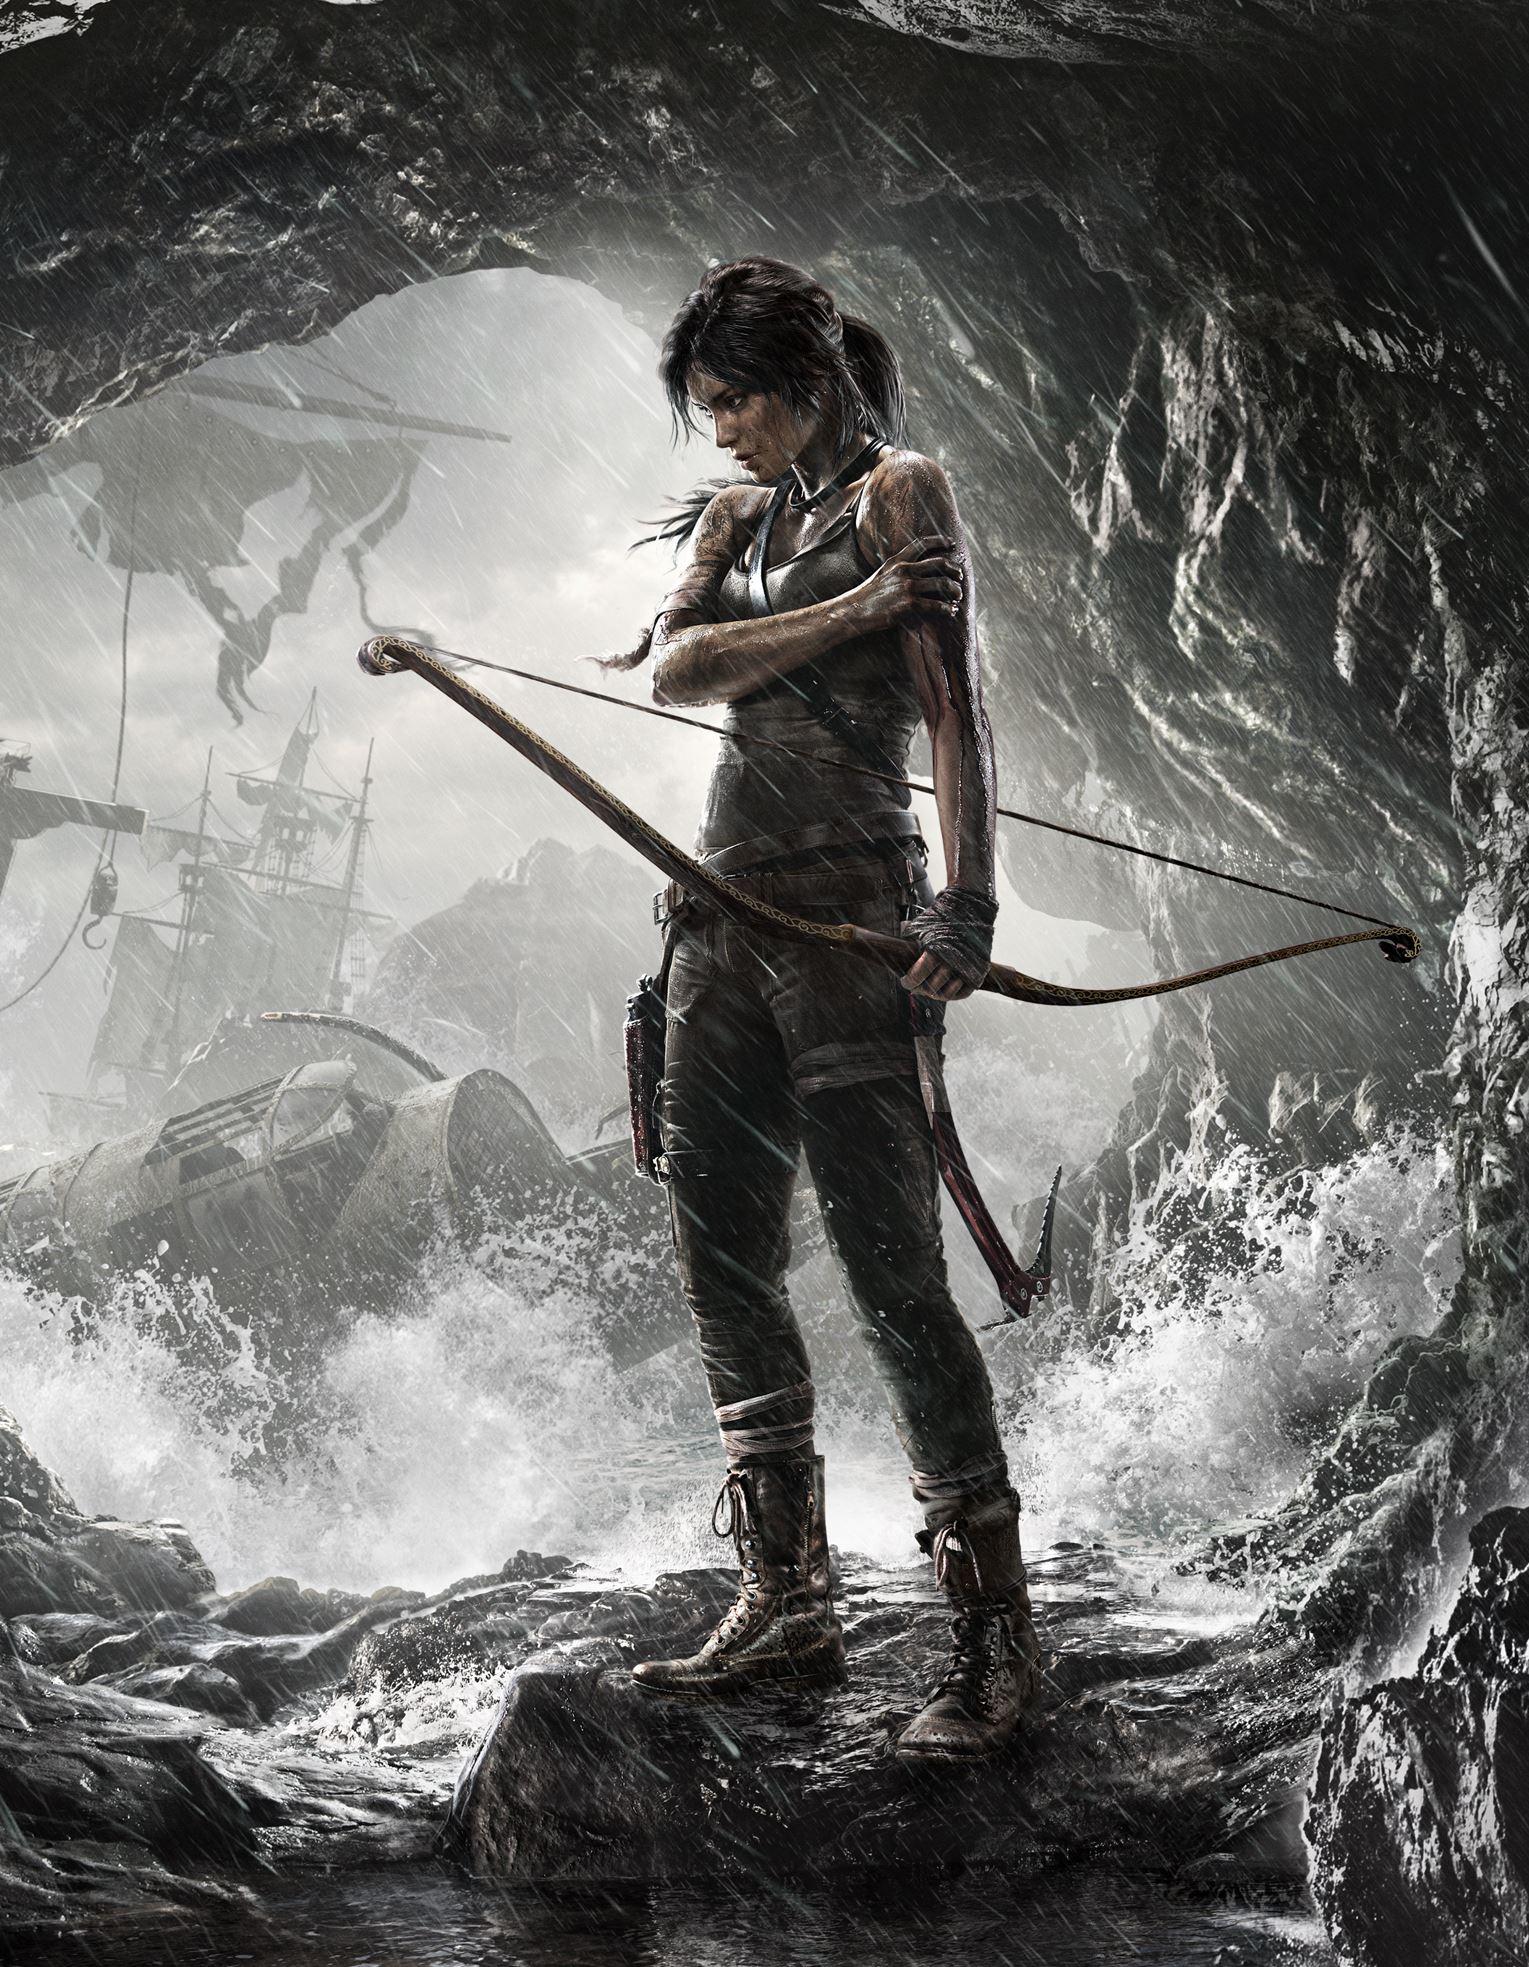 1421076663 Tomb Raider 10 Couverture Hd Png 1 529 1 967 Pixels Tomb Raider Wallpaper Tomb Raider Art Raiders Wallpaper